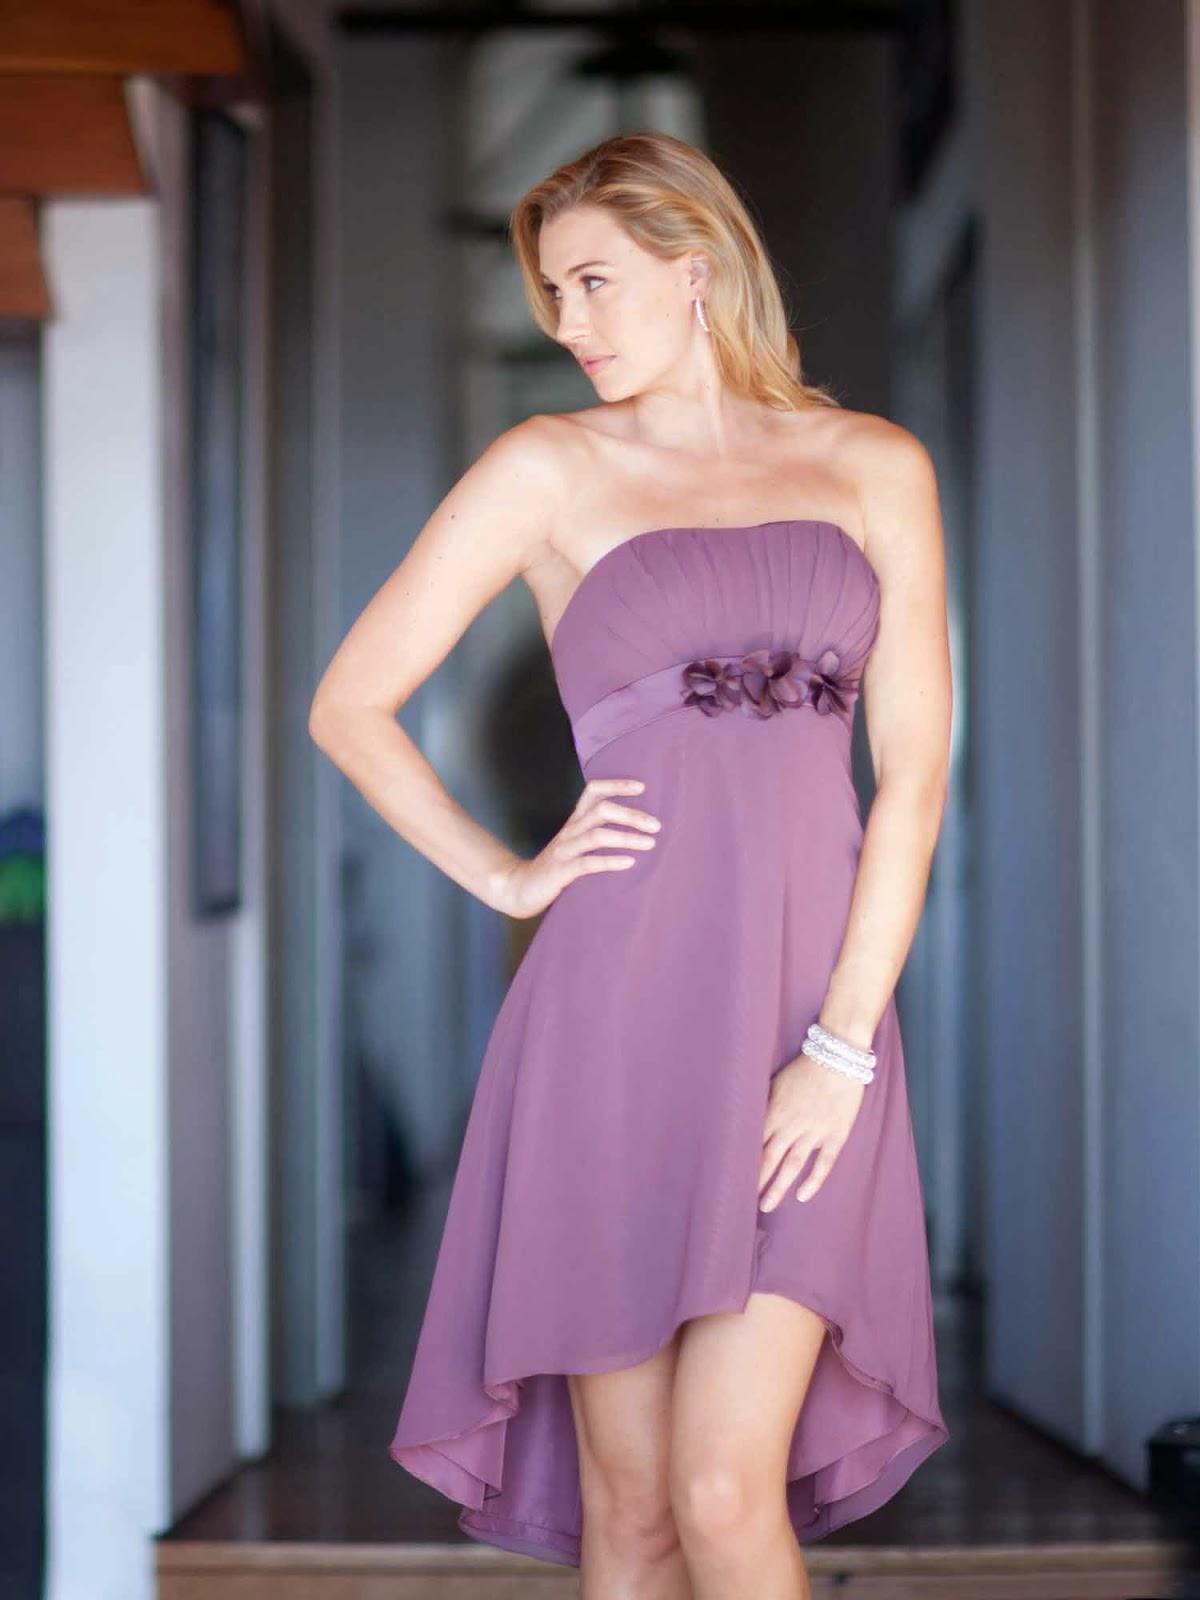 Vestidos sexis de moda 2014